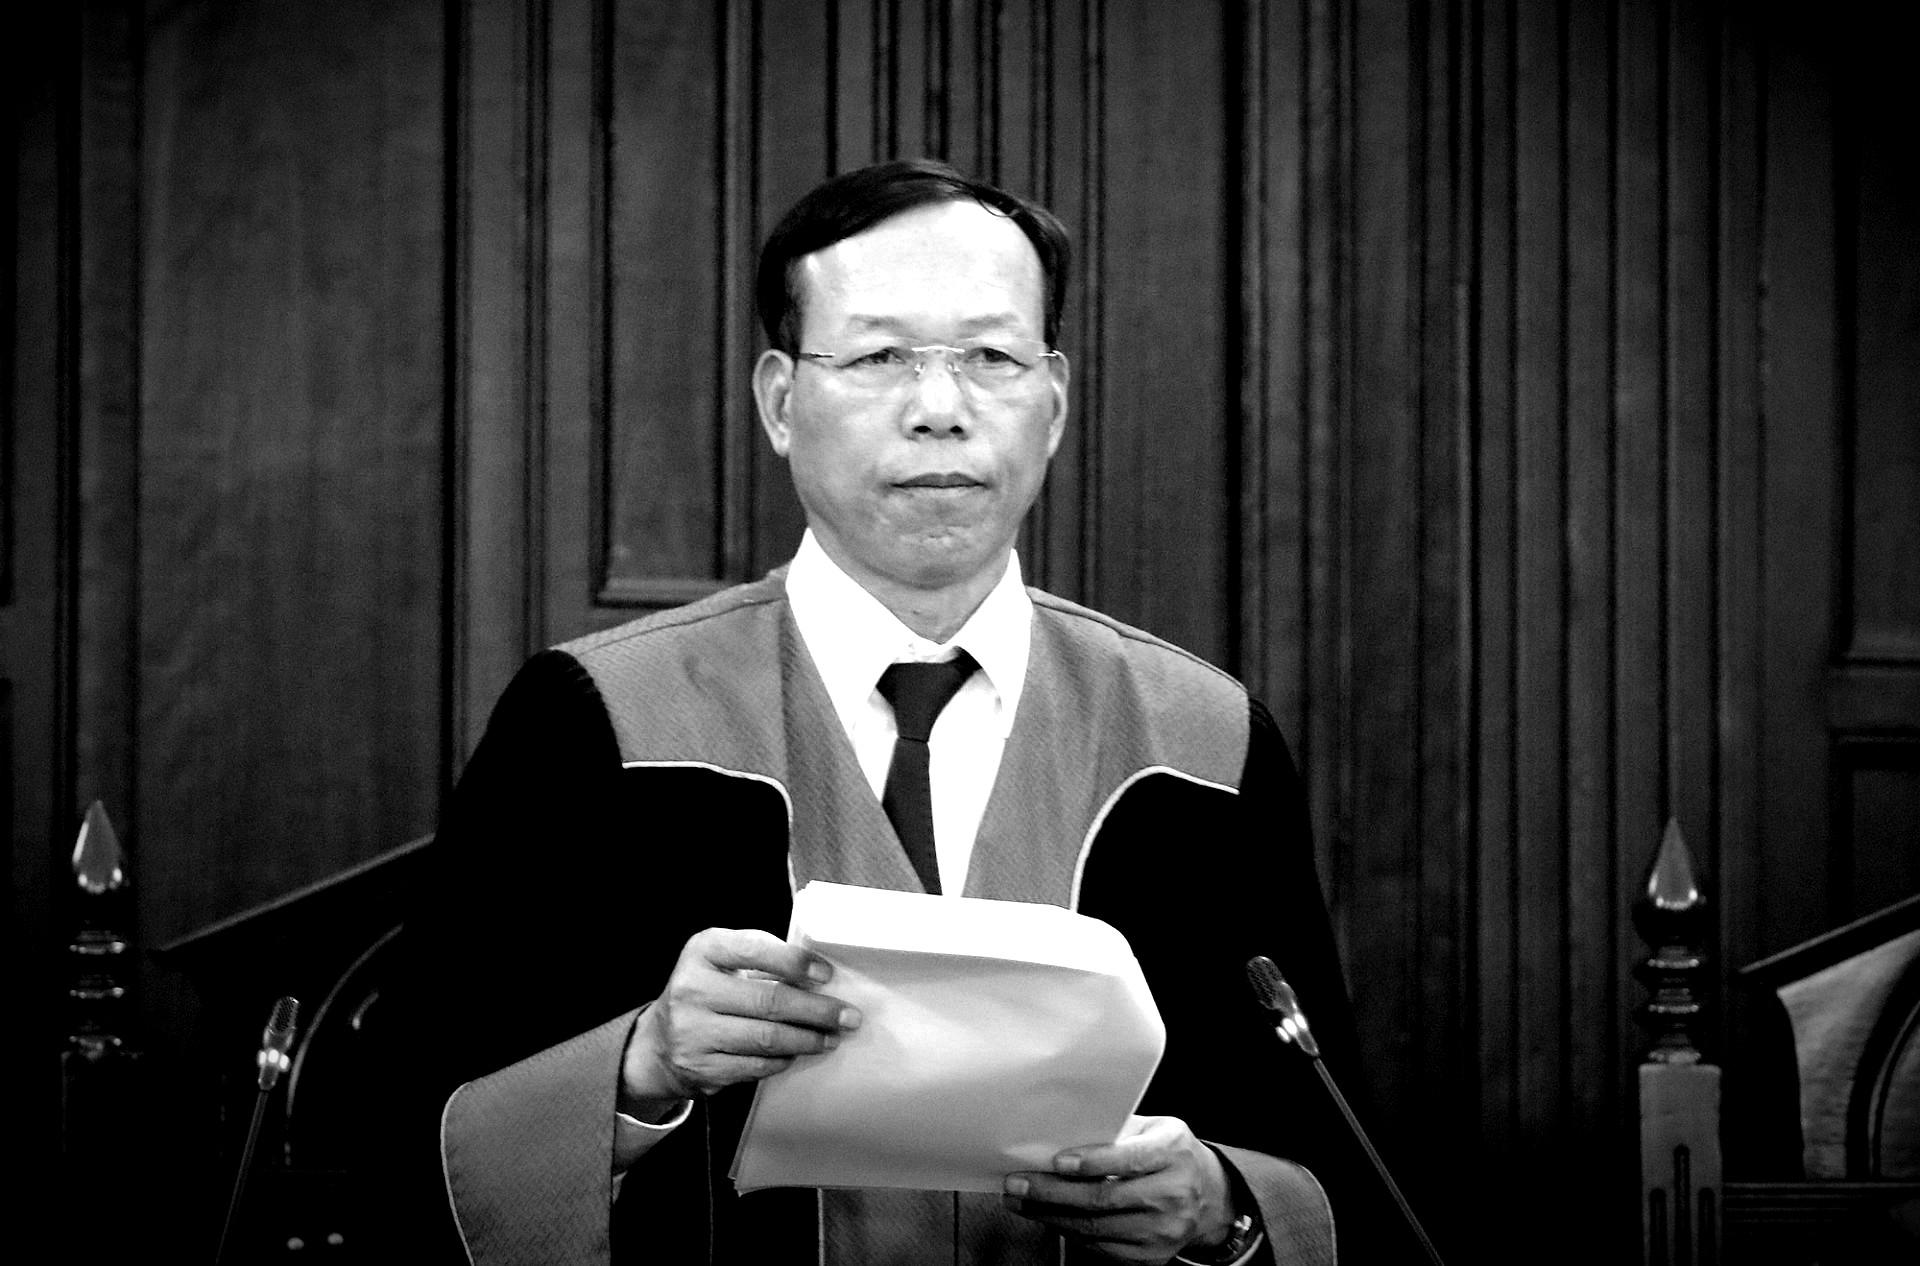 Ông Nguyễn Trí Tuệ, Phó Chánh án TANDTC, một trong 17 thành viên Hội đồng Thẩm phán phiên giám đốc thẩm Hồ Duy Hải. Ảnh: Dương Văn Giang/Thông Tấn Xã Việt Nam.